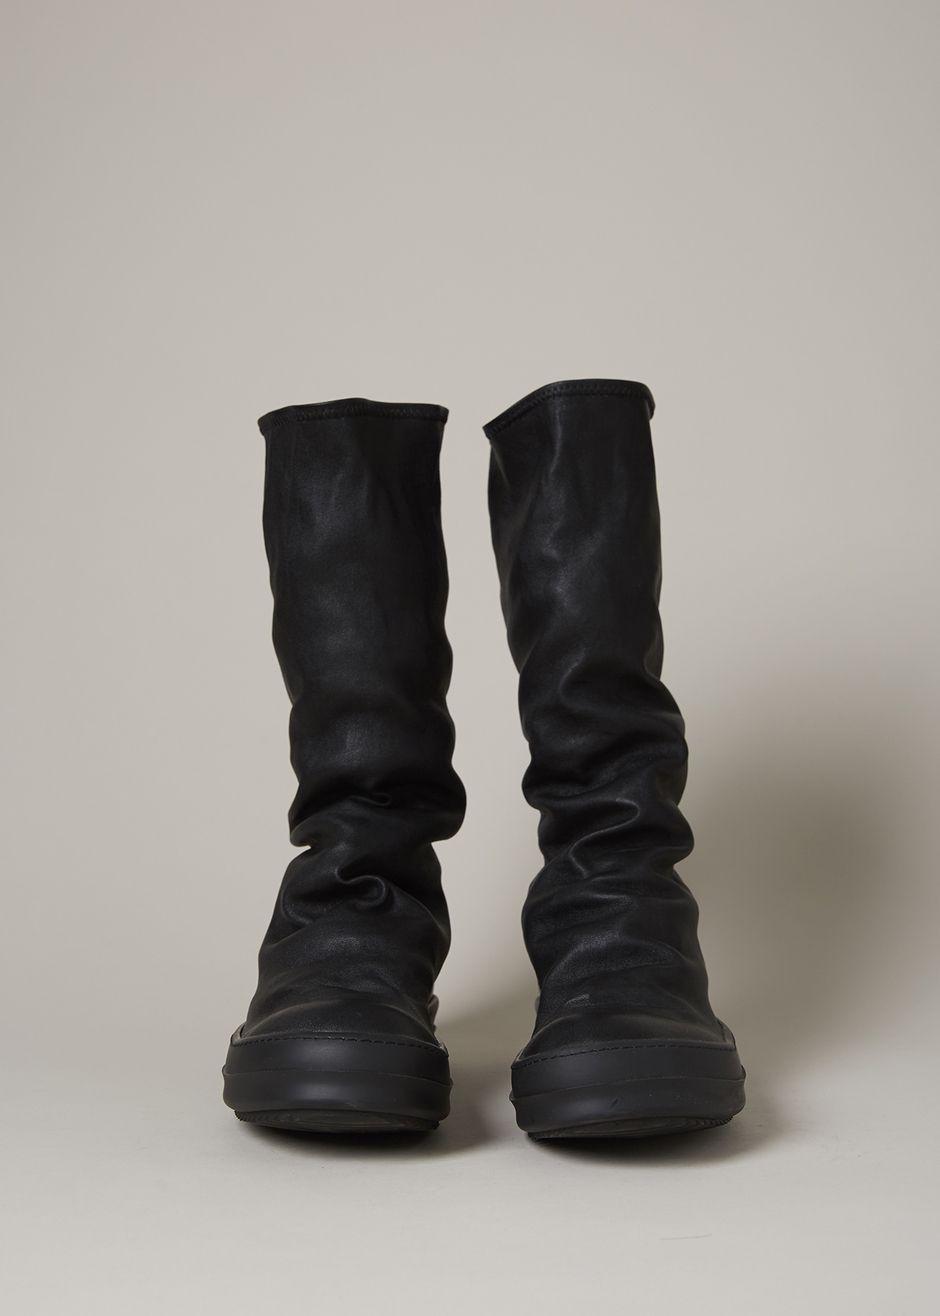 Stocking sneakers - Black Rick Owens 9eD2n6C